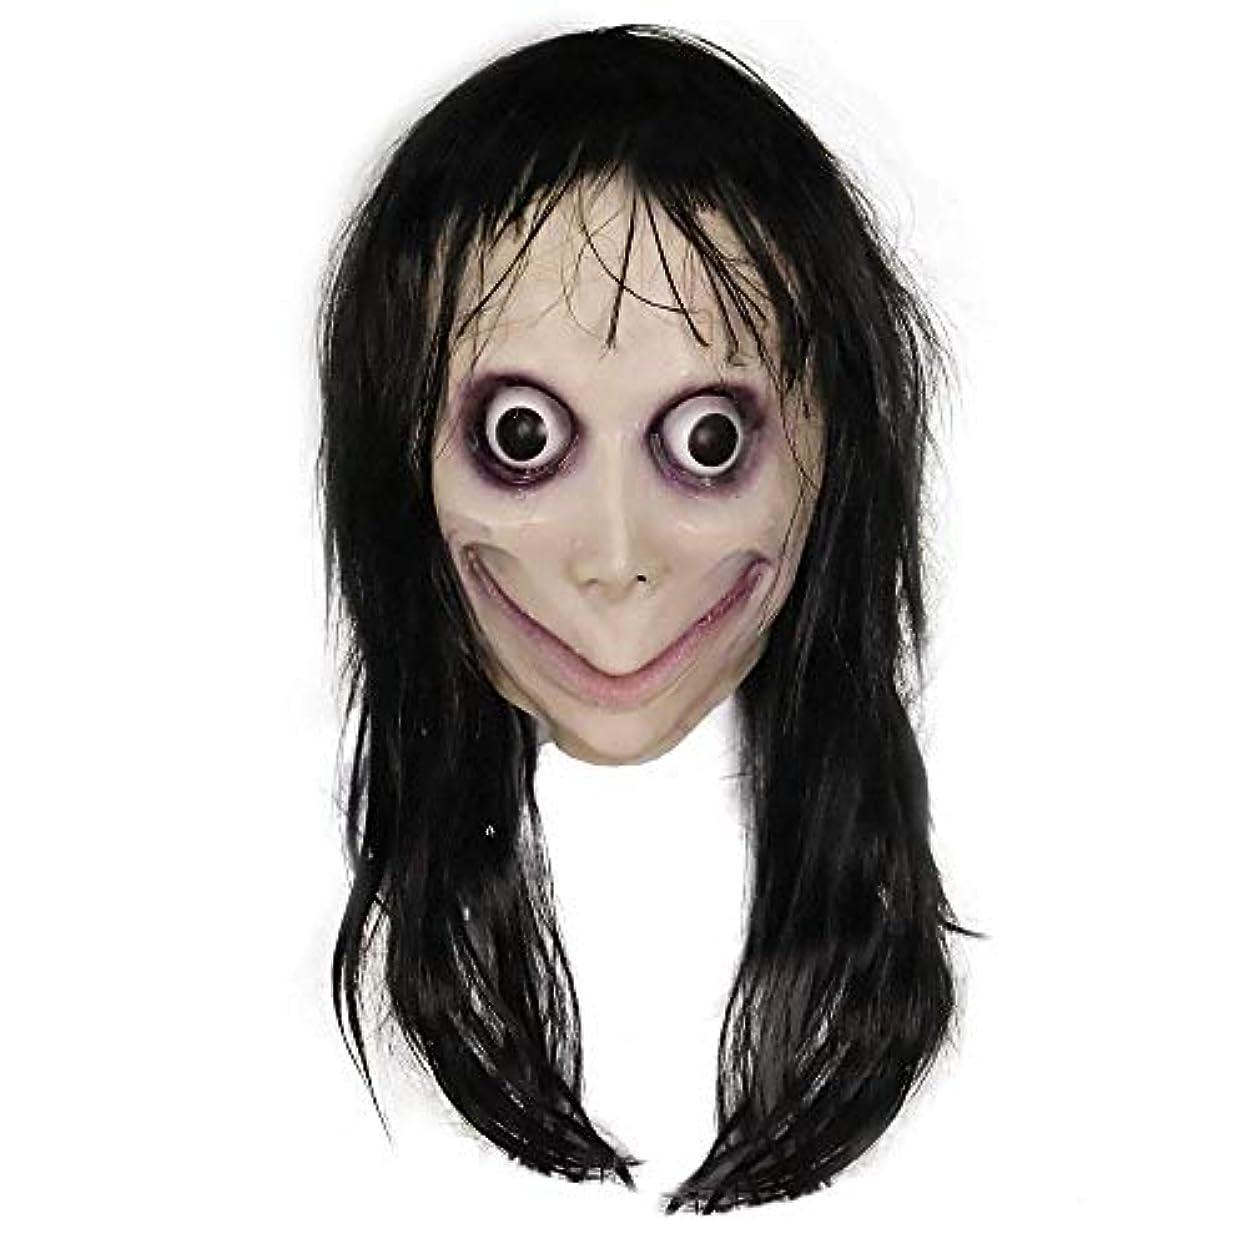 不気味なマスク、髪怖いゲームモモマスク、ロールプレイング小道具マスク子供大人ホラー恐怖ゴーストヘルメットラテックスマスクファンシーボールハロウィーンパーティー